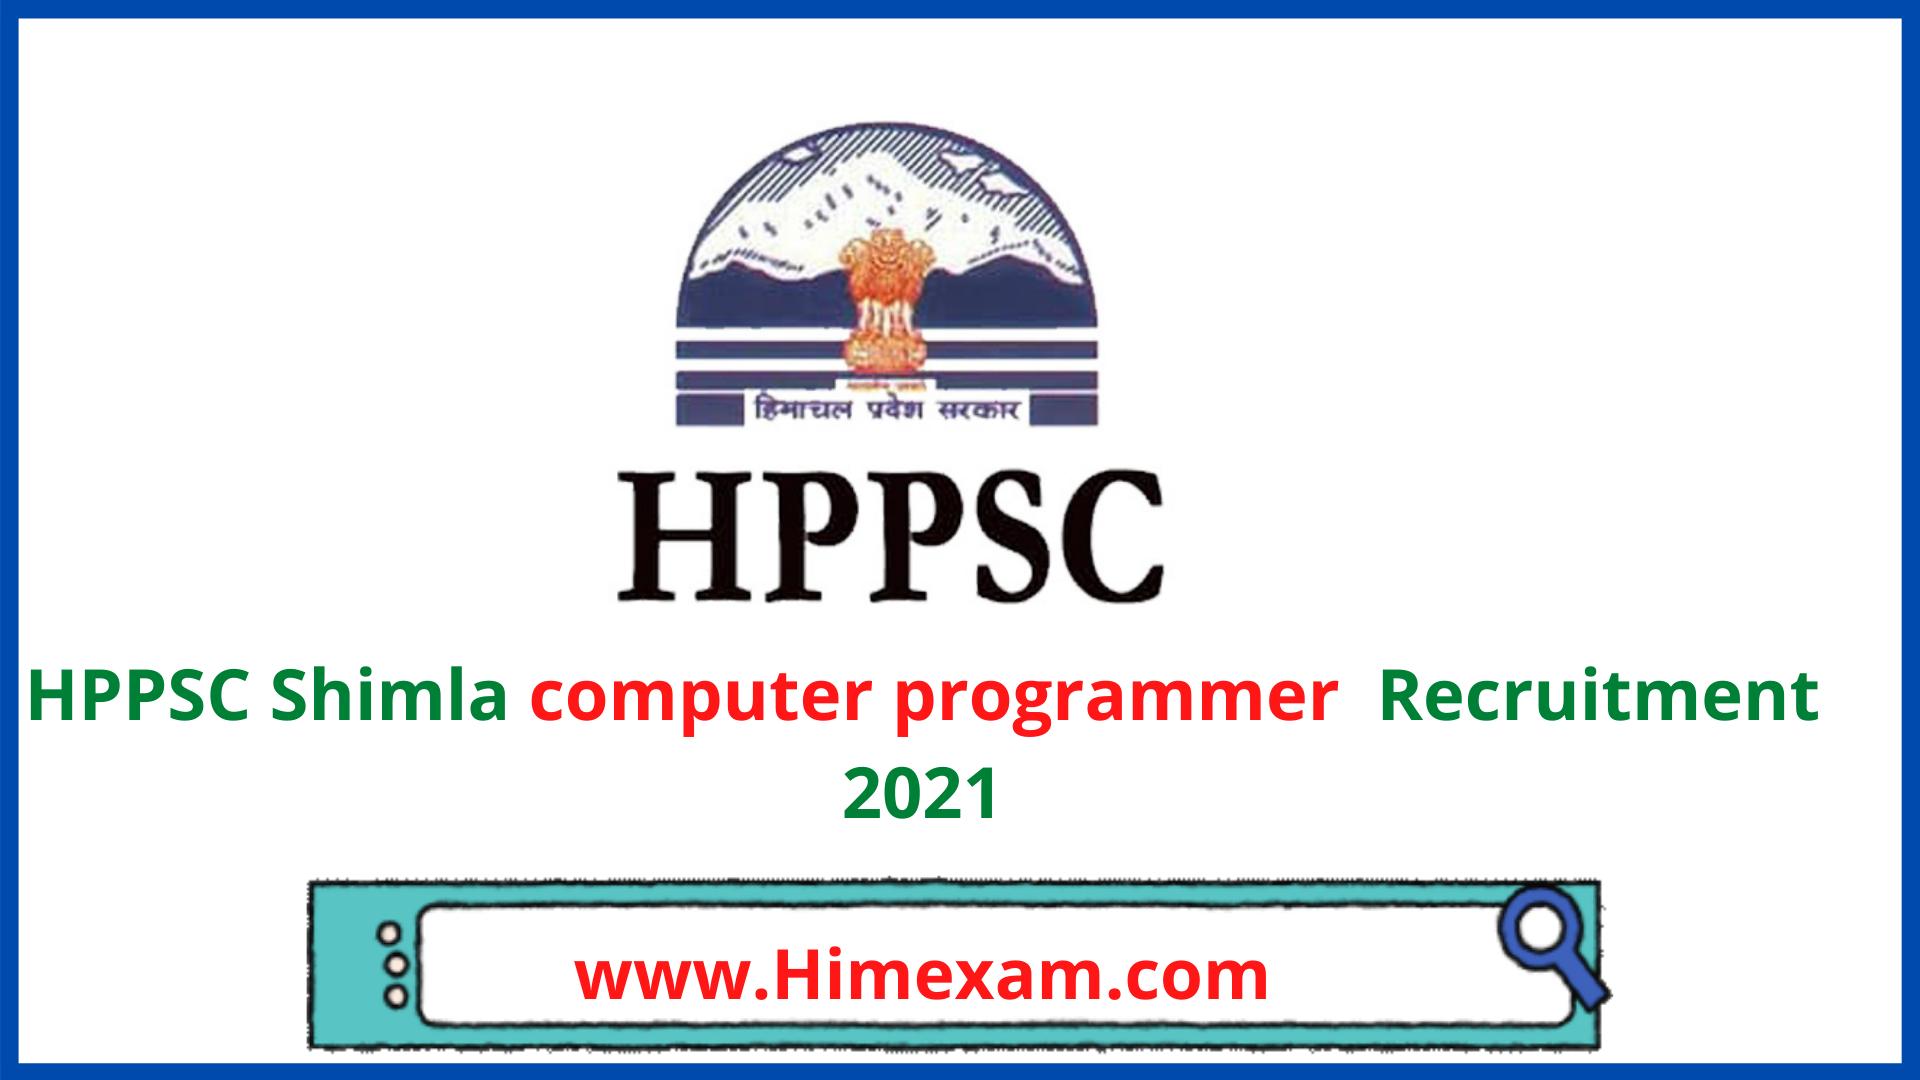 HPPSC Shimla Recruitment 2021-01 computer programmer post